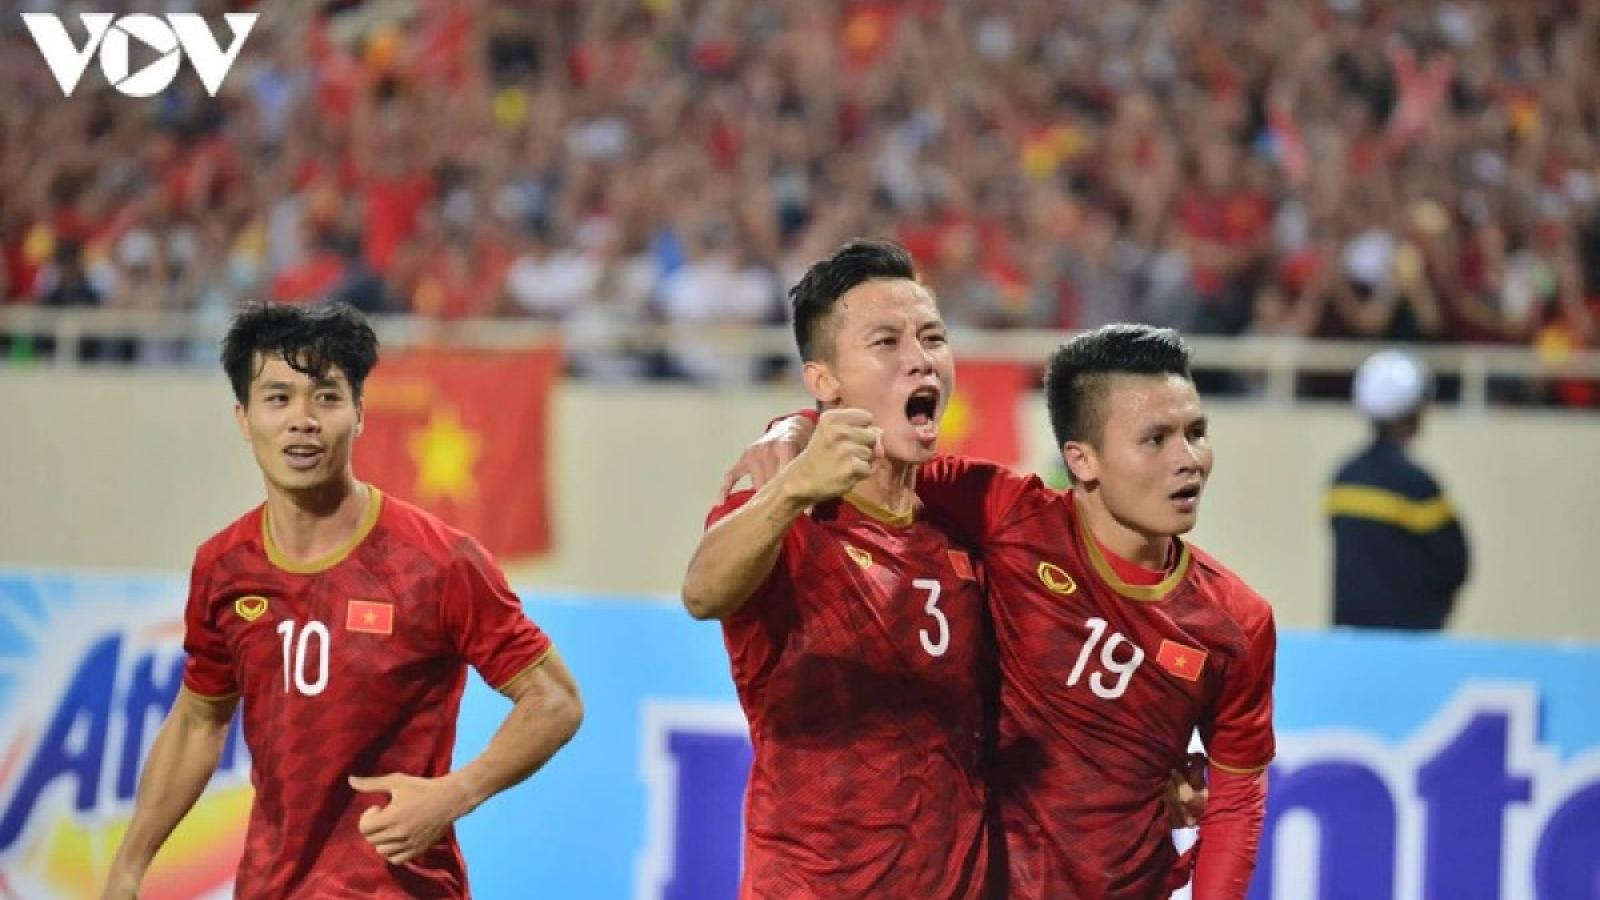 Dàn sao ĐT Việt Nam gửi lời chúc mừng năm mới đến người hâm mộ